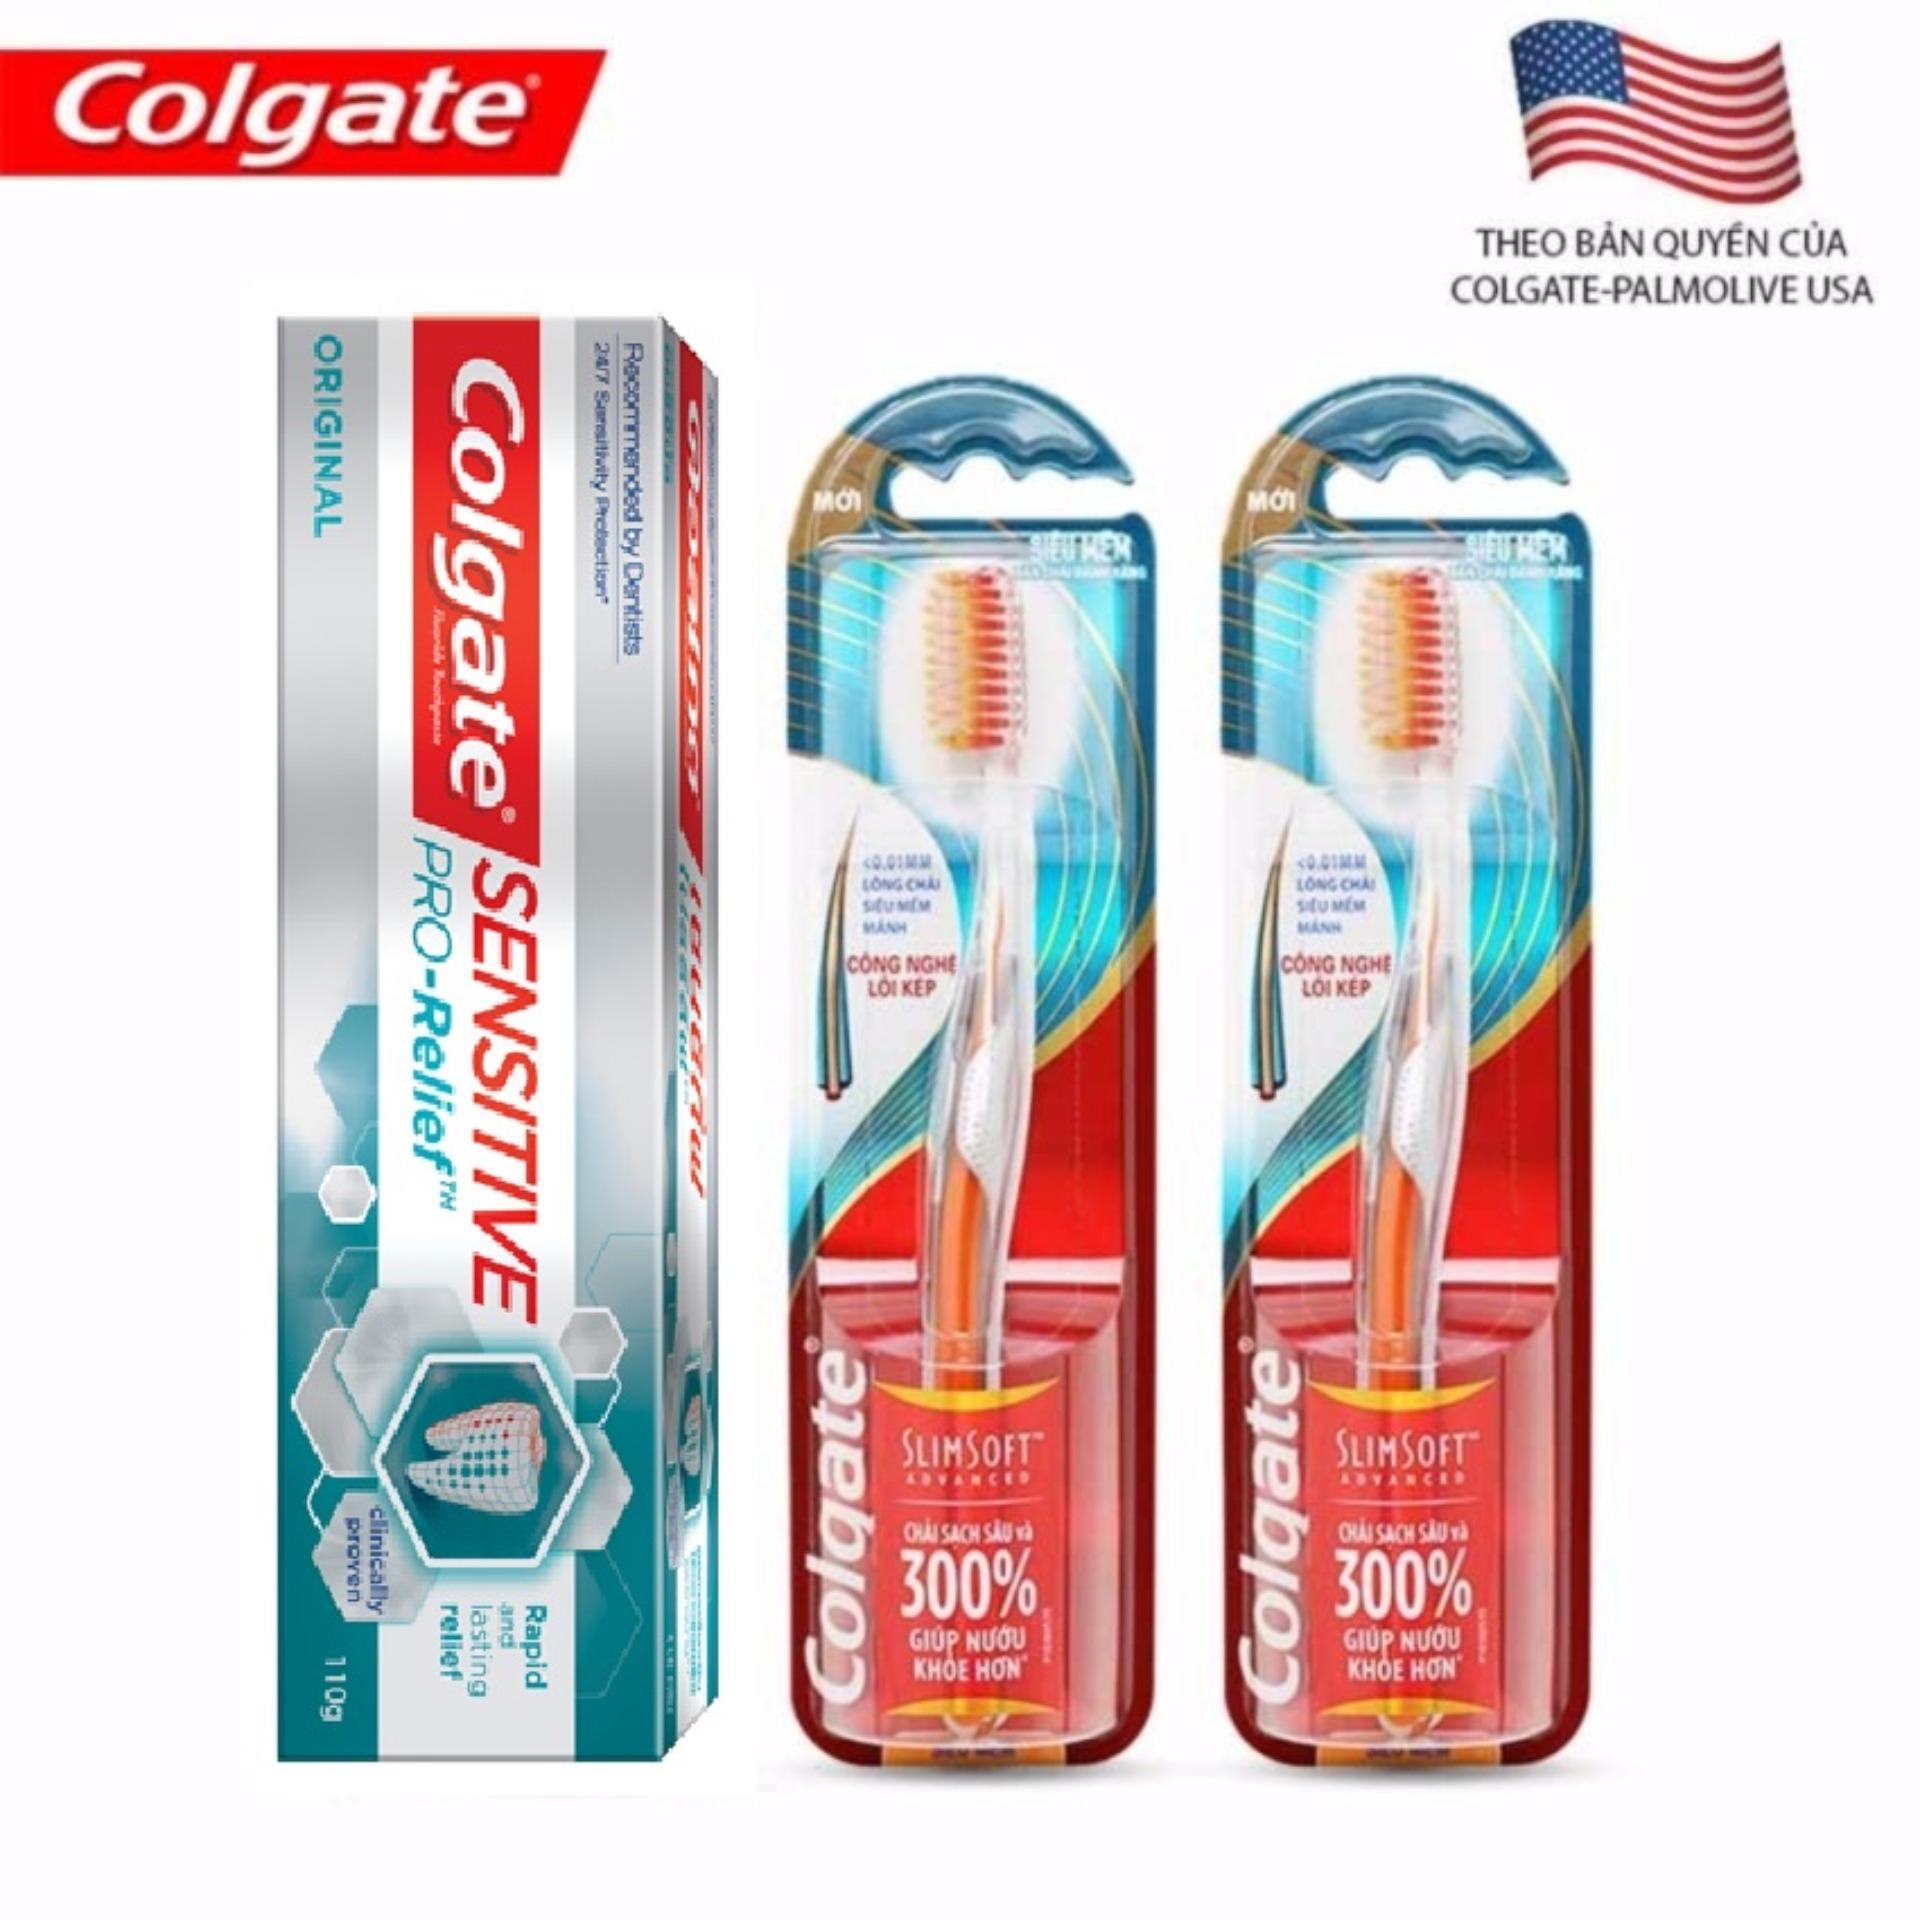 Bộ 1 Kem Đánh Răng Colgate Sensitive Pro-Relief Và 2 Bàn Chải Colgate Slim Soft Advanced